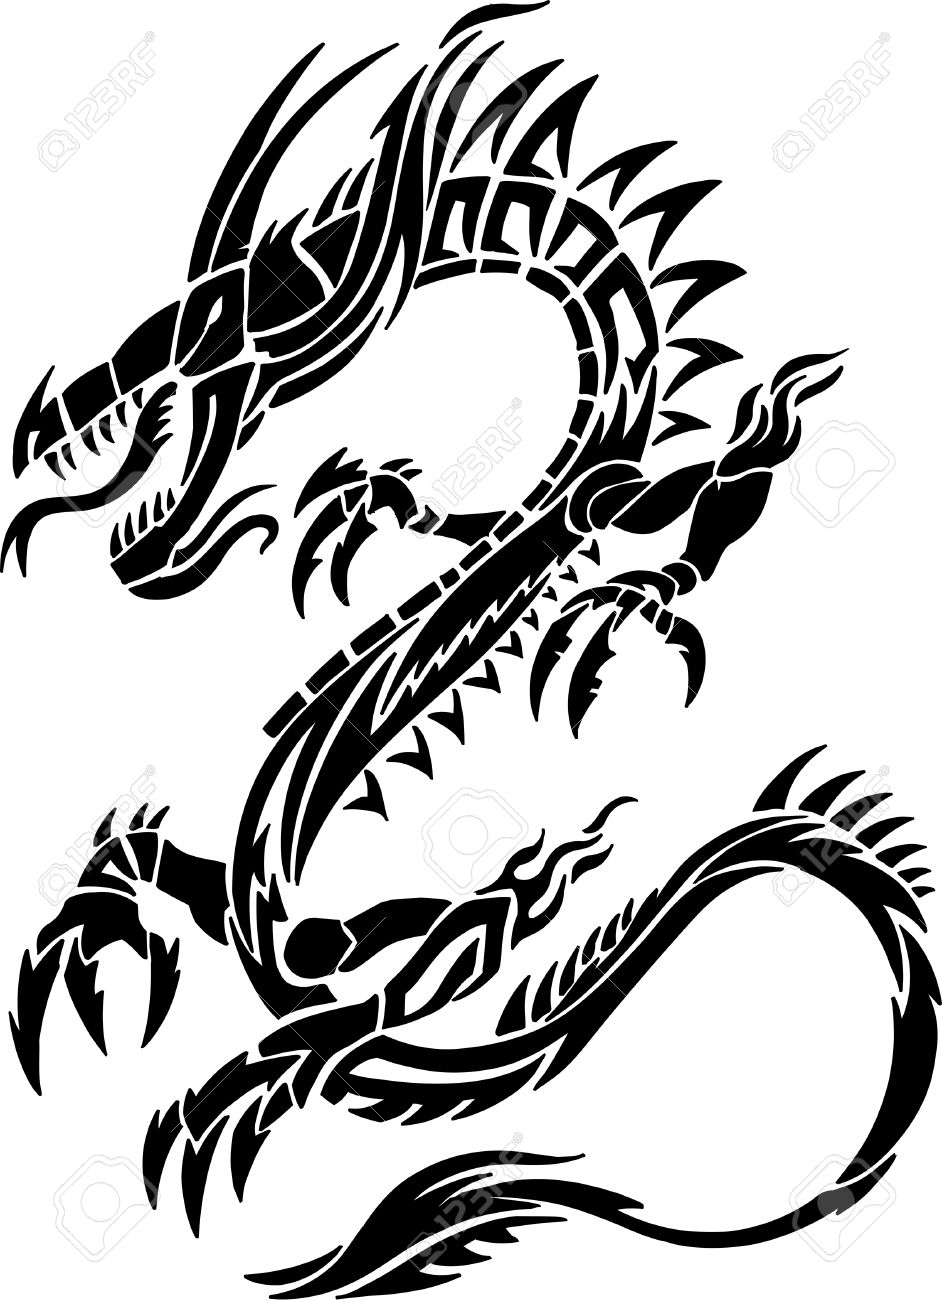 Tattoo Tribal Dragon Illustration - 6841562